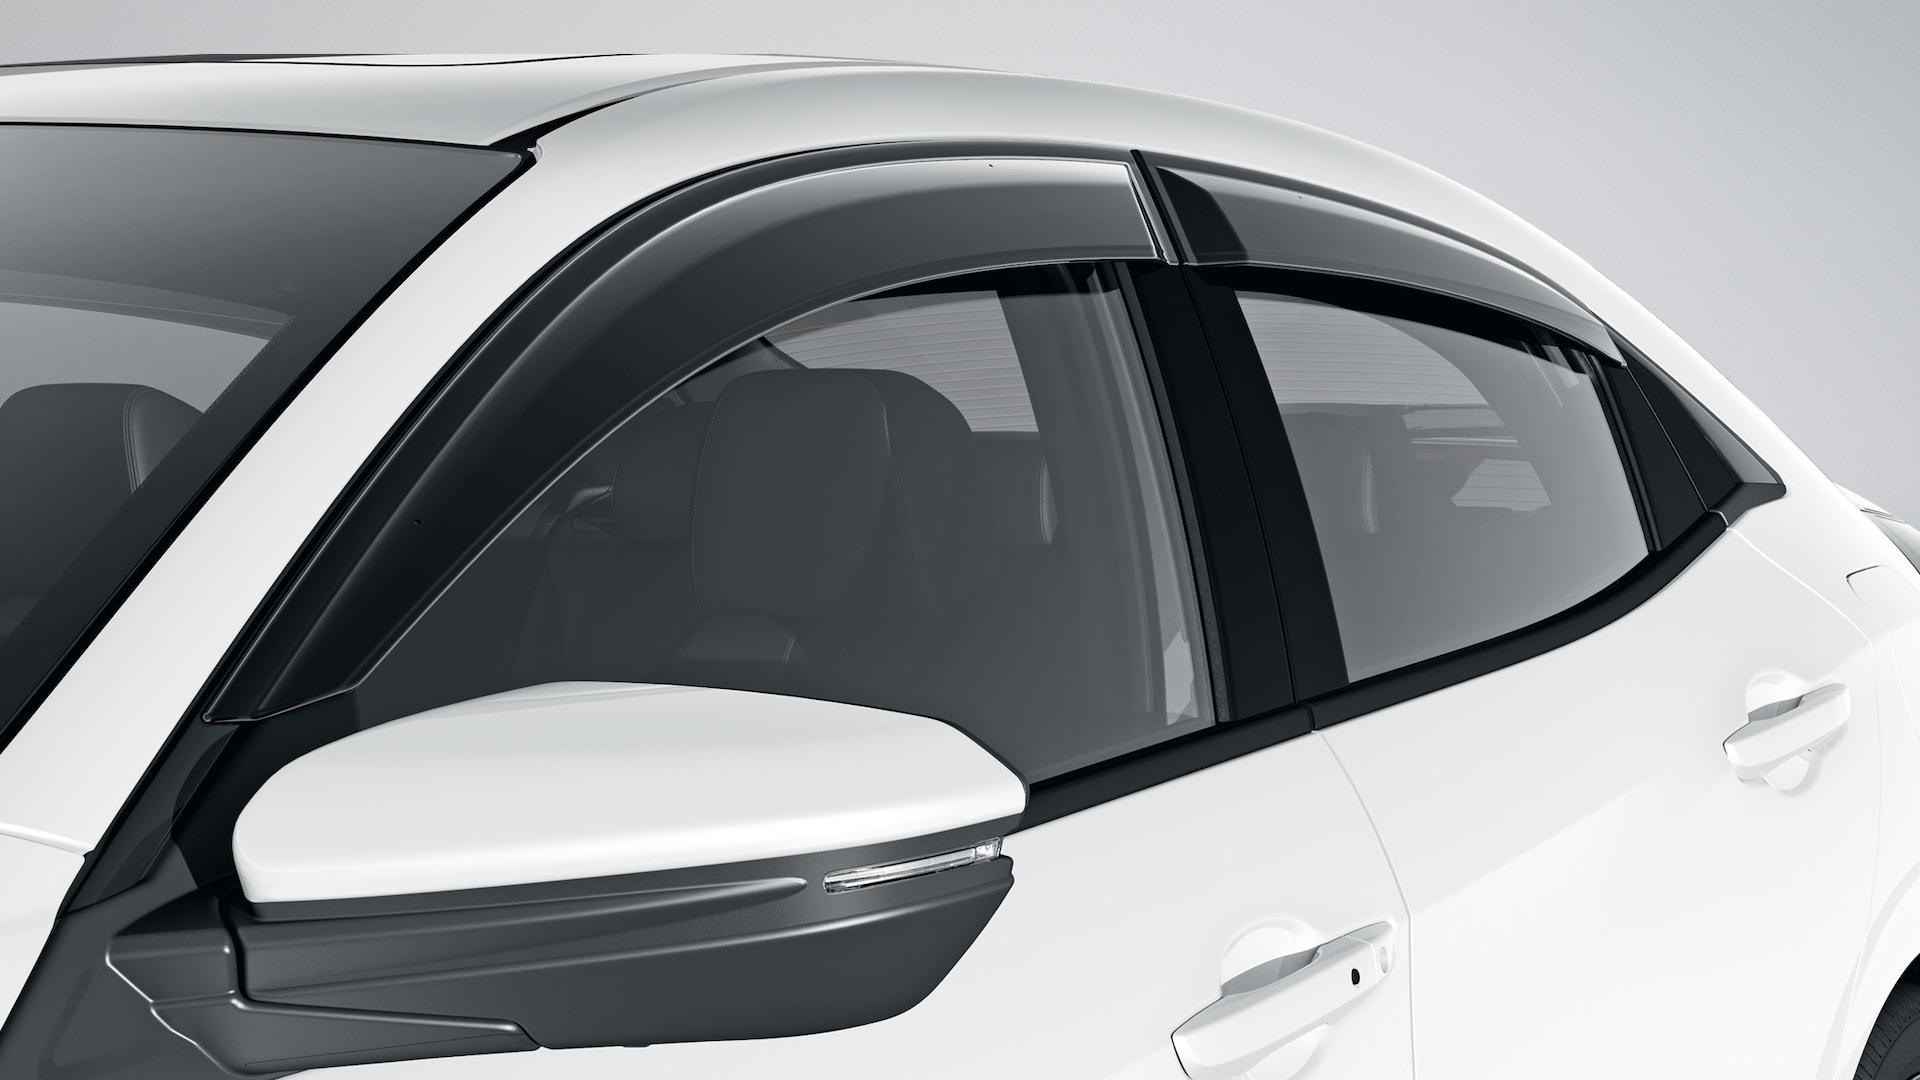 Visores de puertas como accesorio original Honda en el Honda Civic EX Hatchback2020 en Platinum White Pearl.